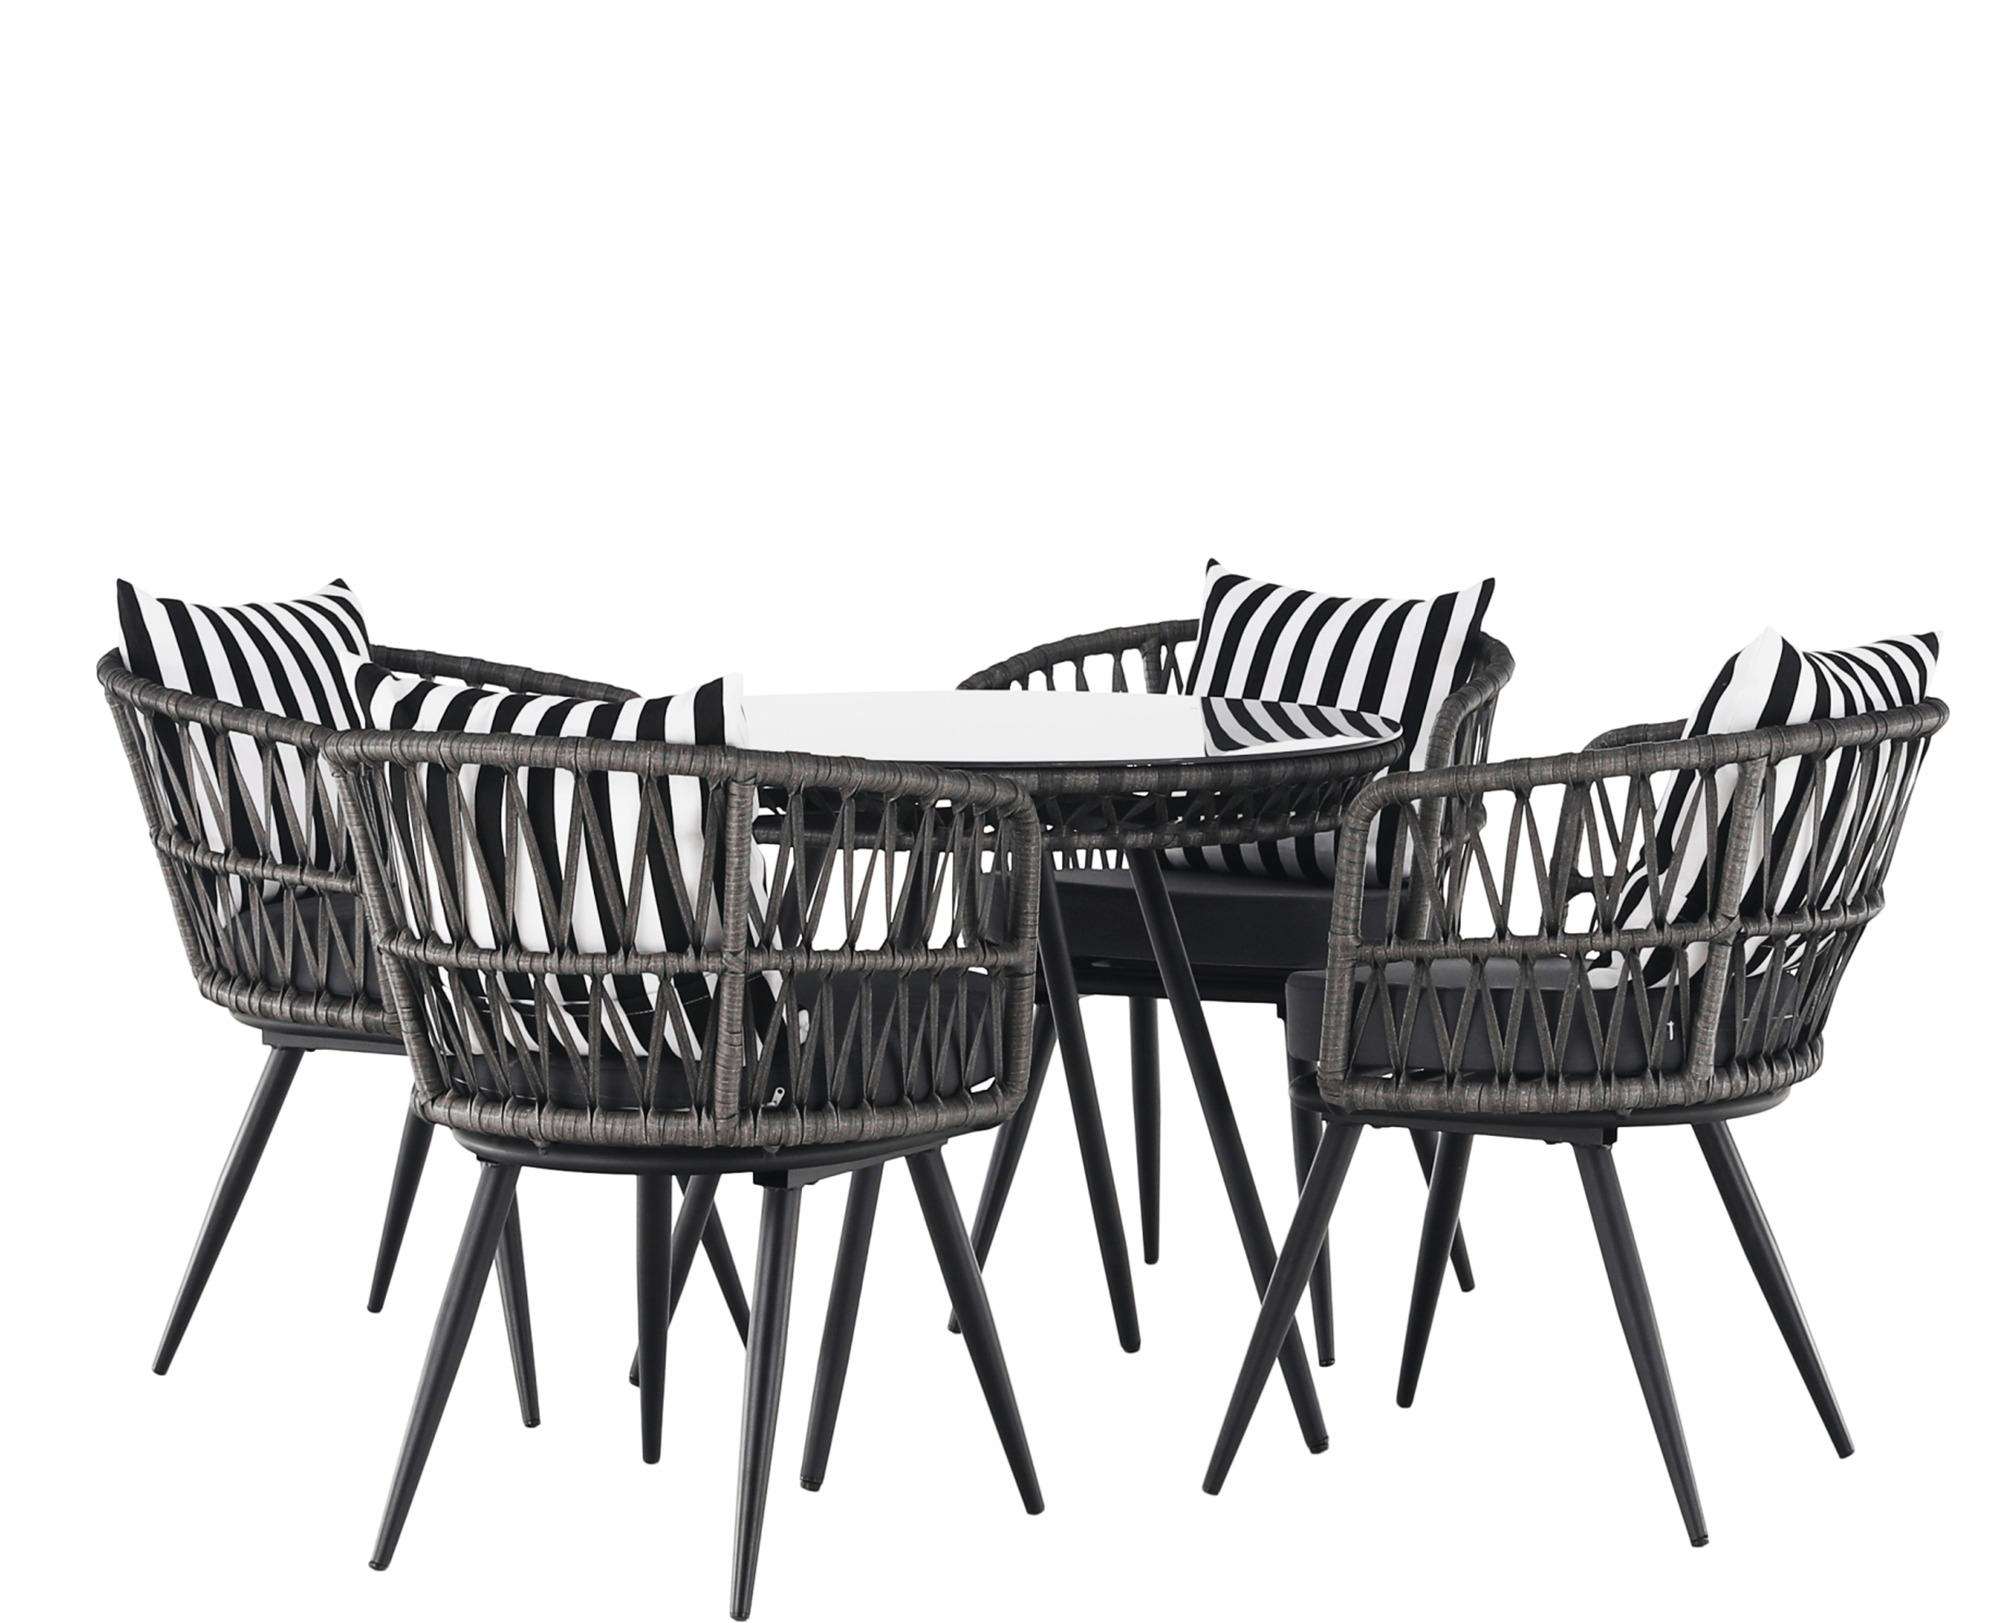 Záhradný 5-dielny ratanový set, čierna/sivá/čierno-biely pásik, HABIK